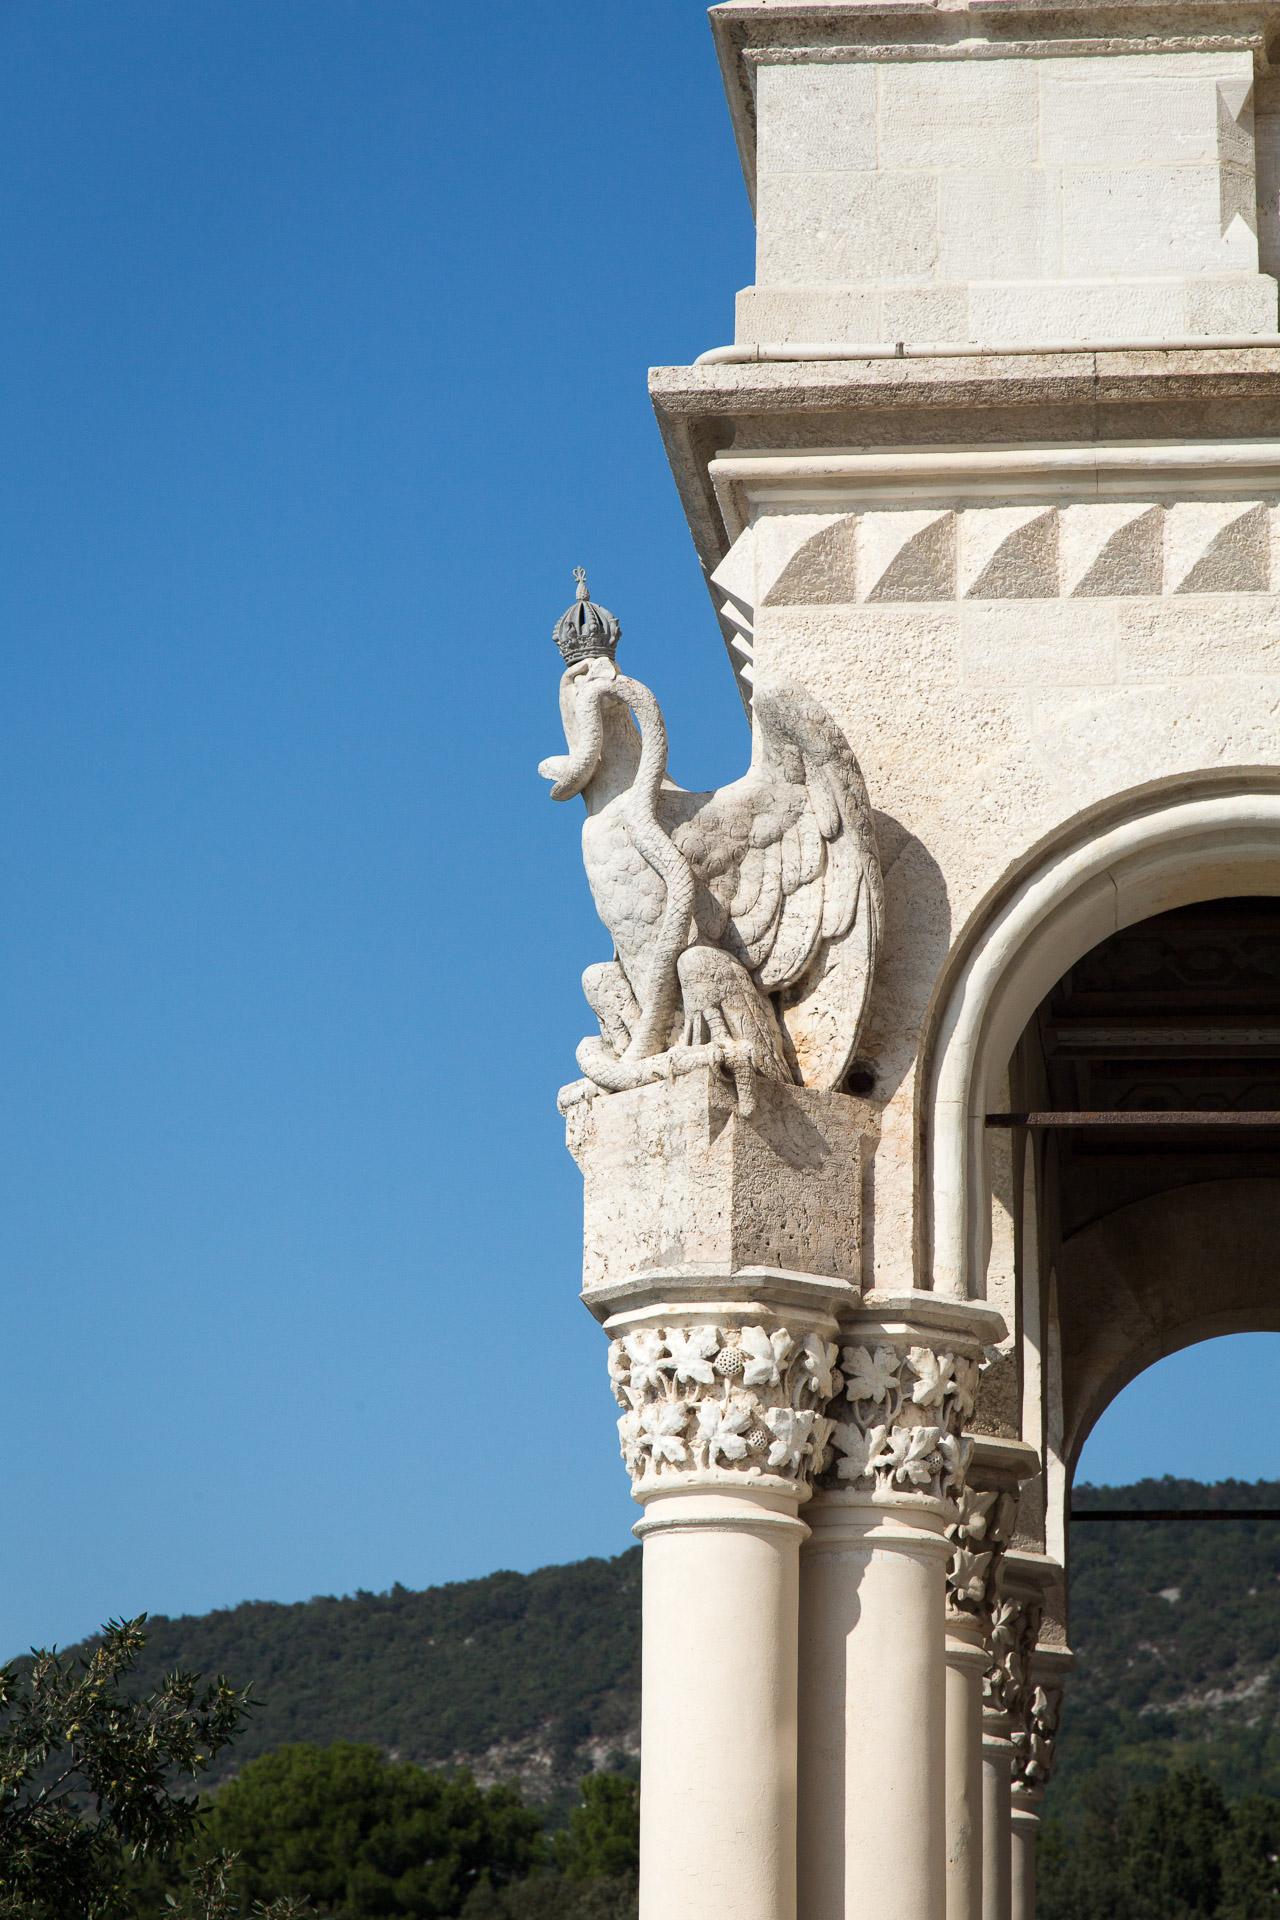 Adler mit Schlange an der Fassade von Schloss Miramare